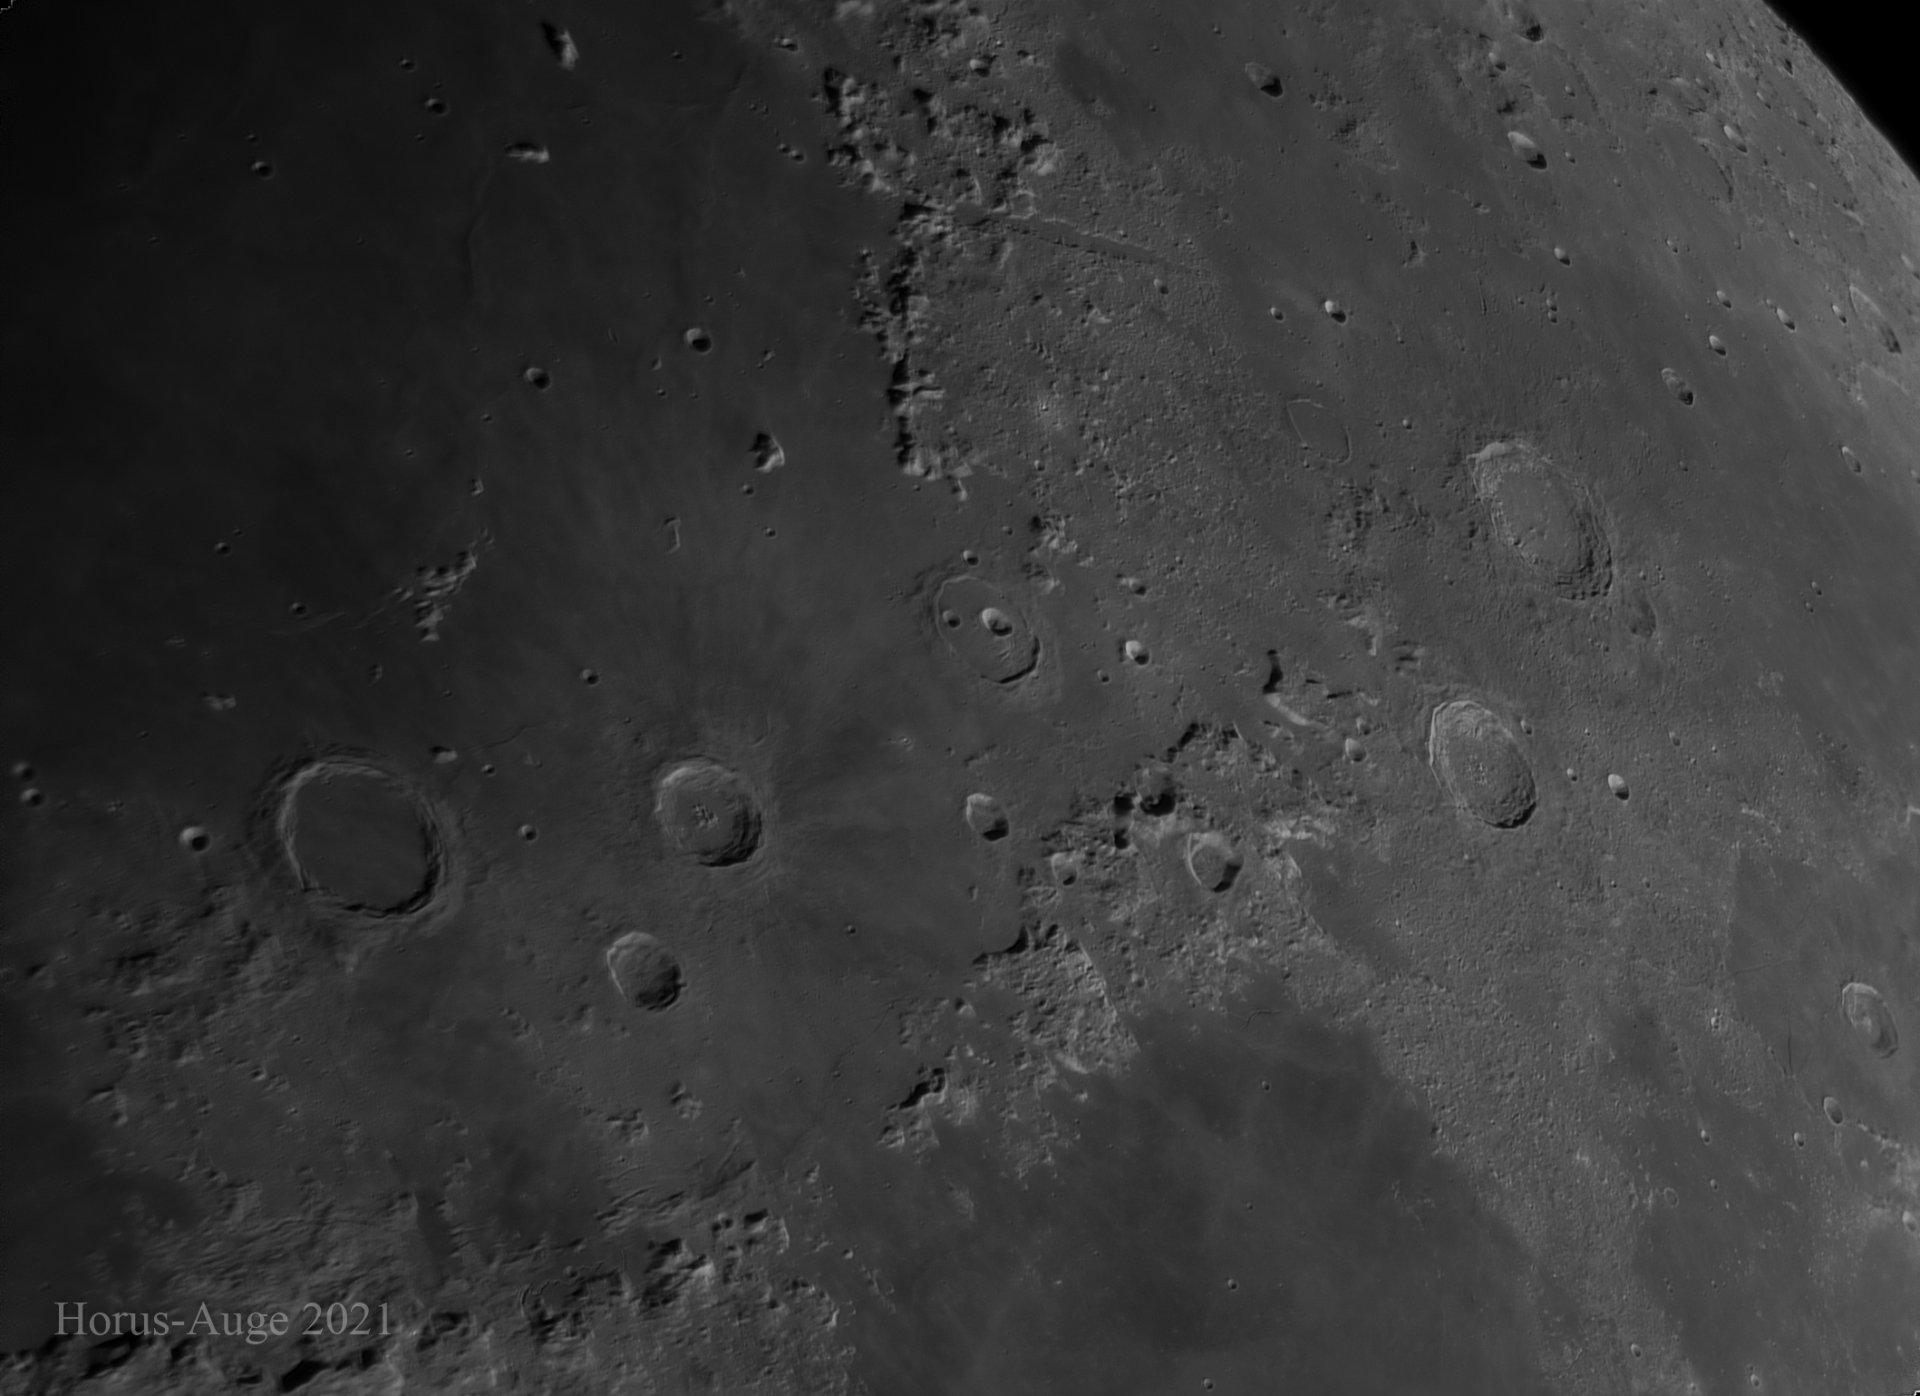 Mond_Mt. Apenniunus.jpg